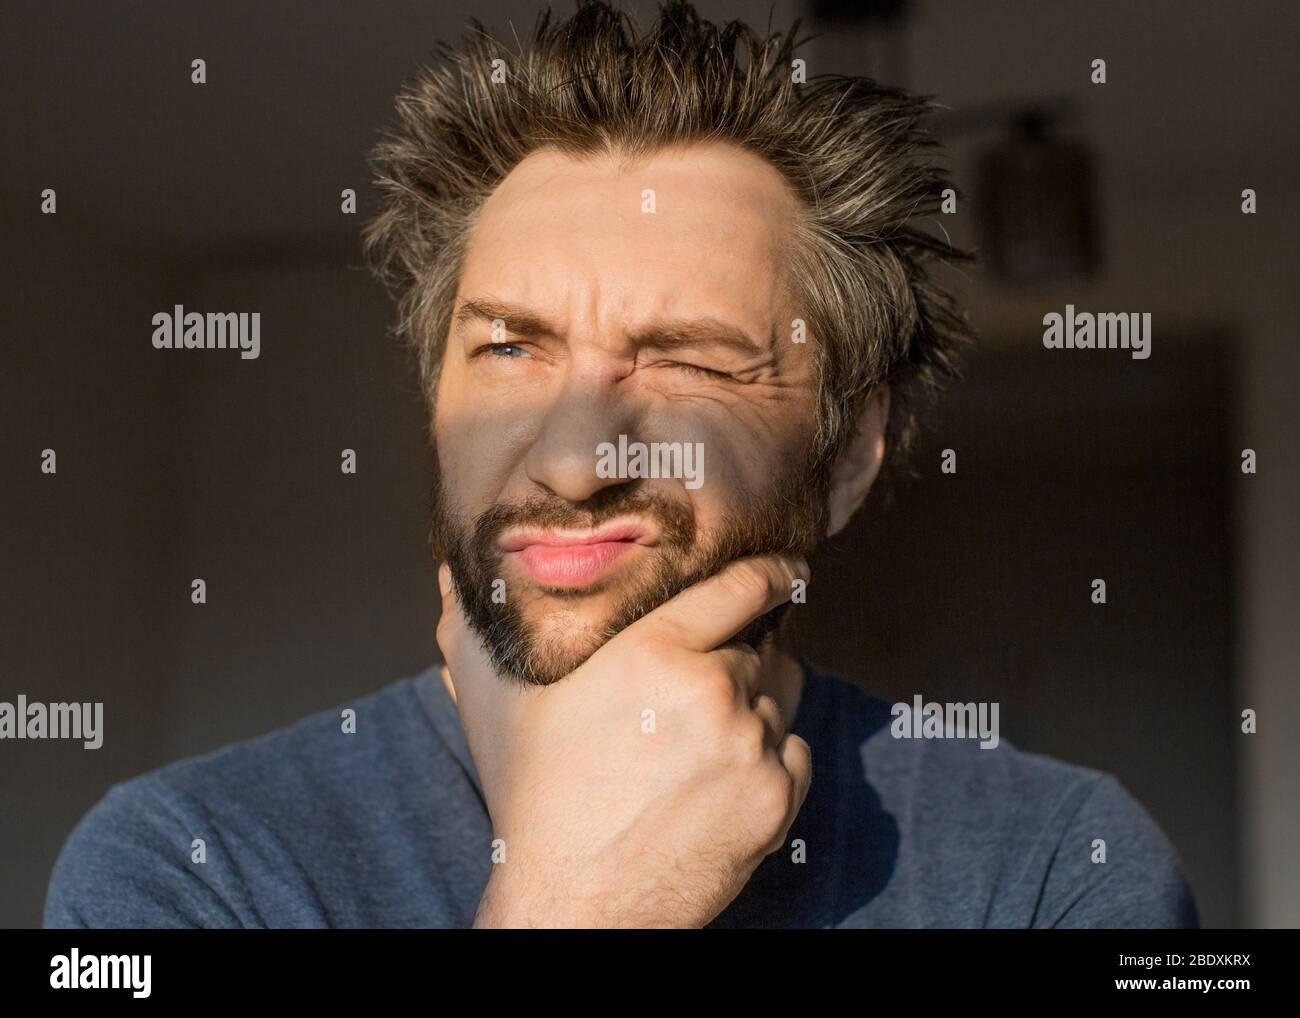 Lustiger Mann nach dem Aufwachen kratzt seinen Bart, Blick auf die Morgensonne. Hochformat schließen. Stockfoto